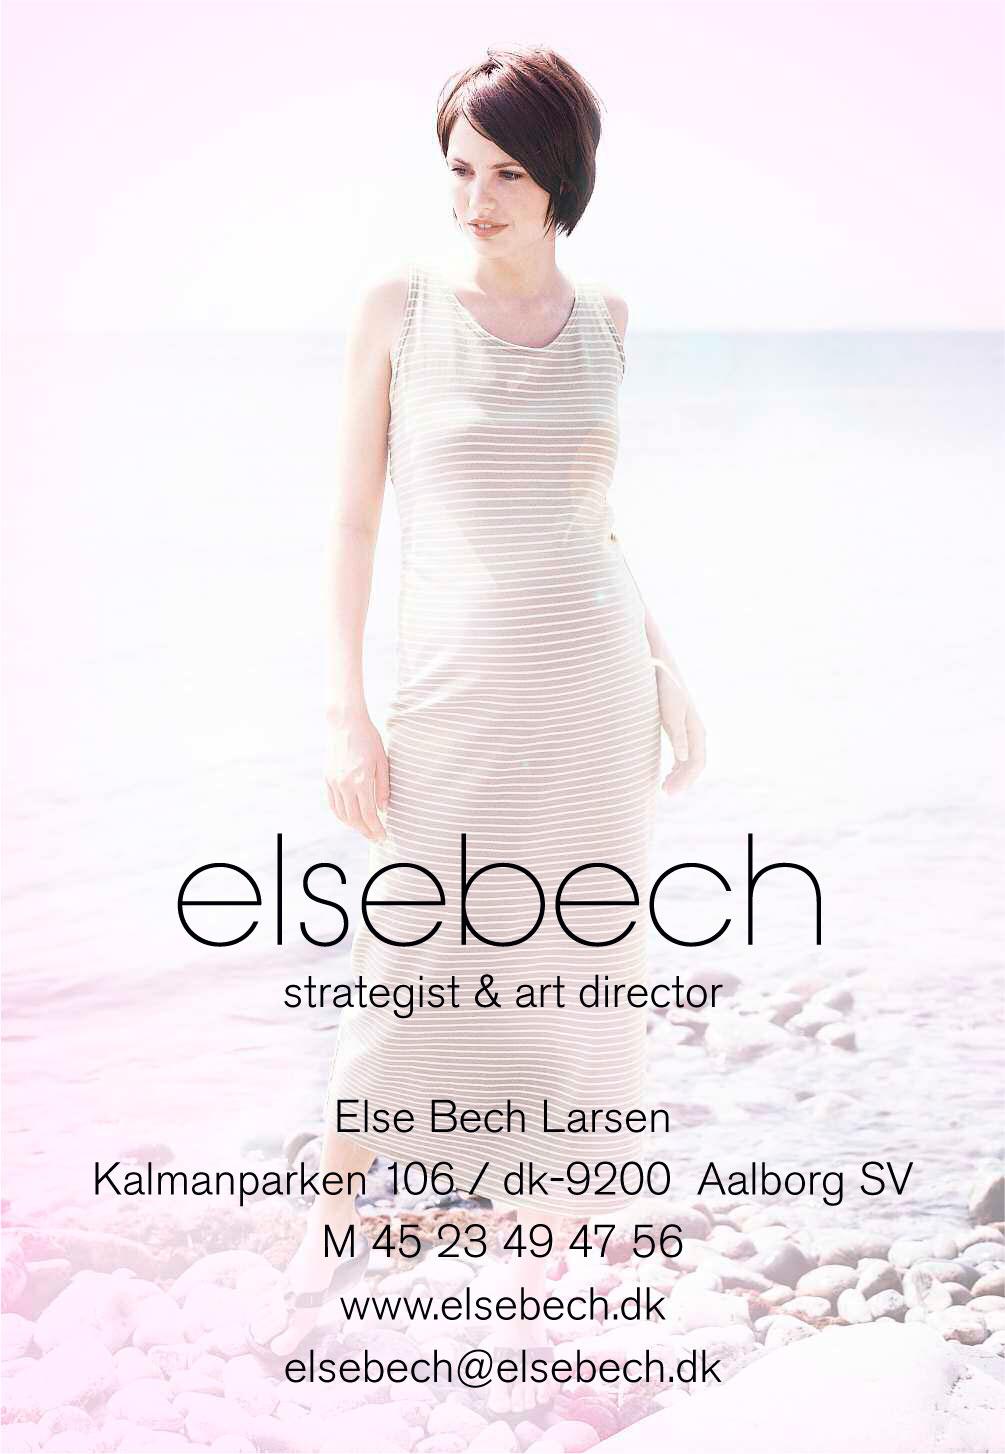 elsebech kontakt